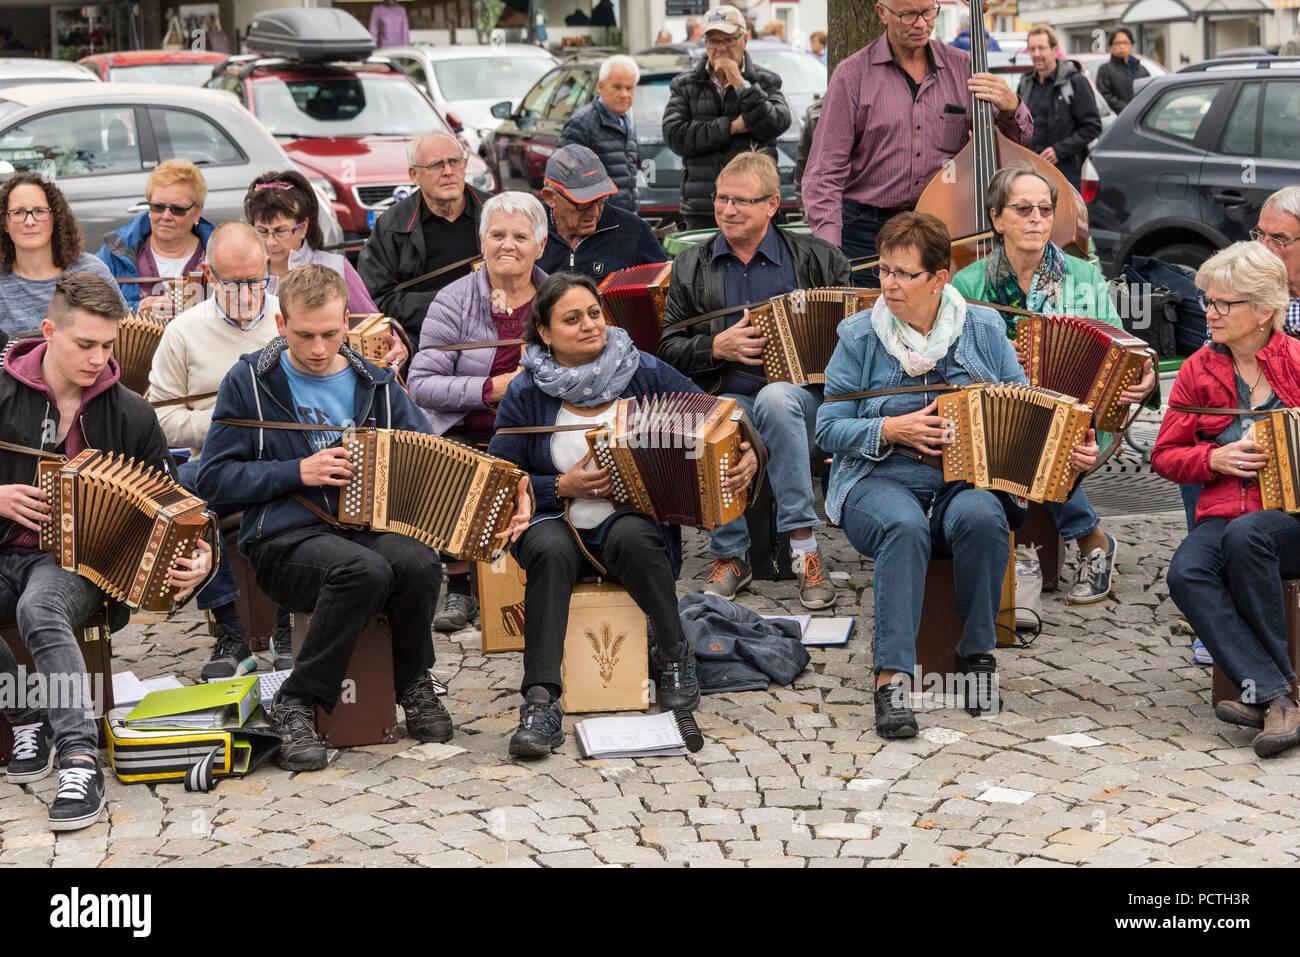 Musik Band auf der Alpabzug in Urnäsch, Appenzeller Land, Kanton Appenzell Ausserrhoden, Schweiz Stockbild